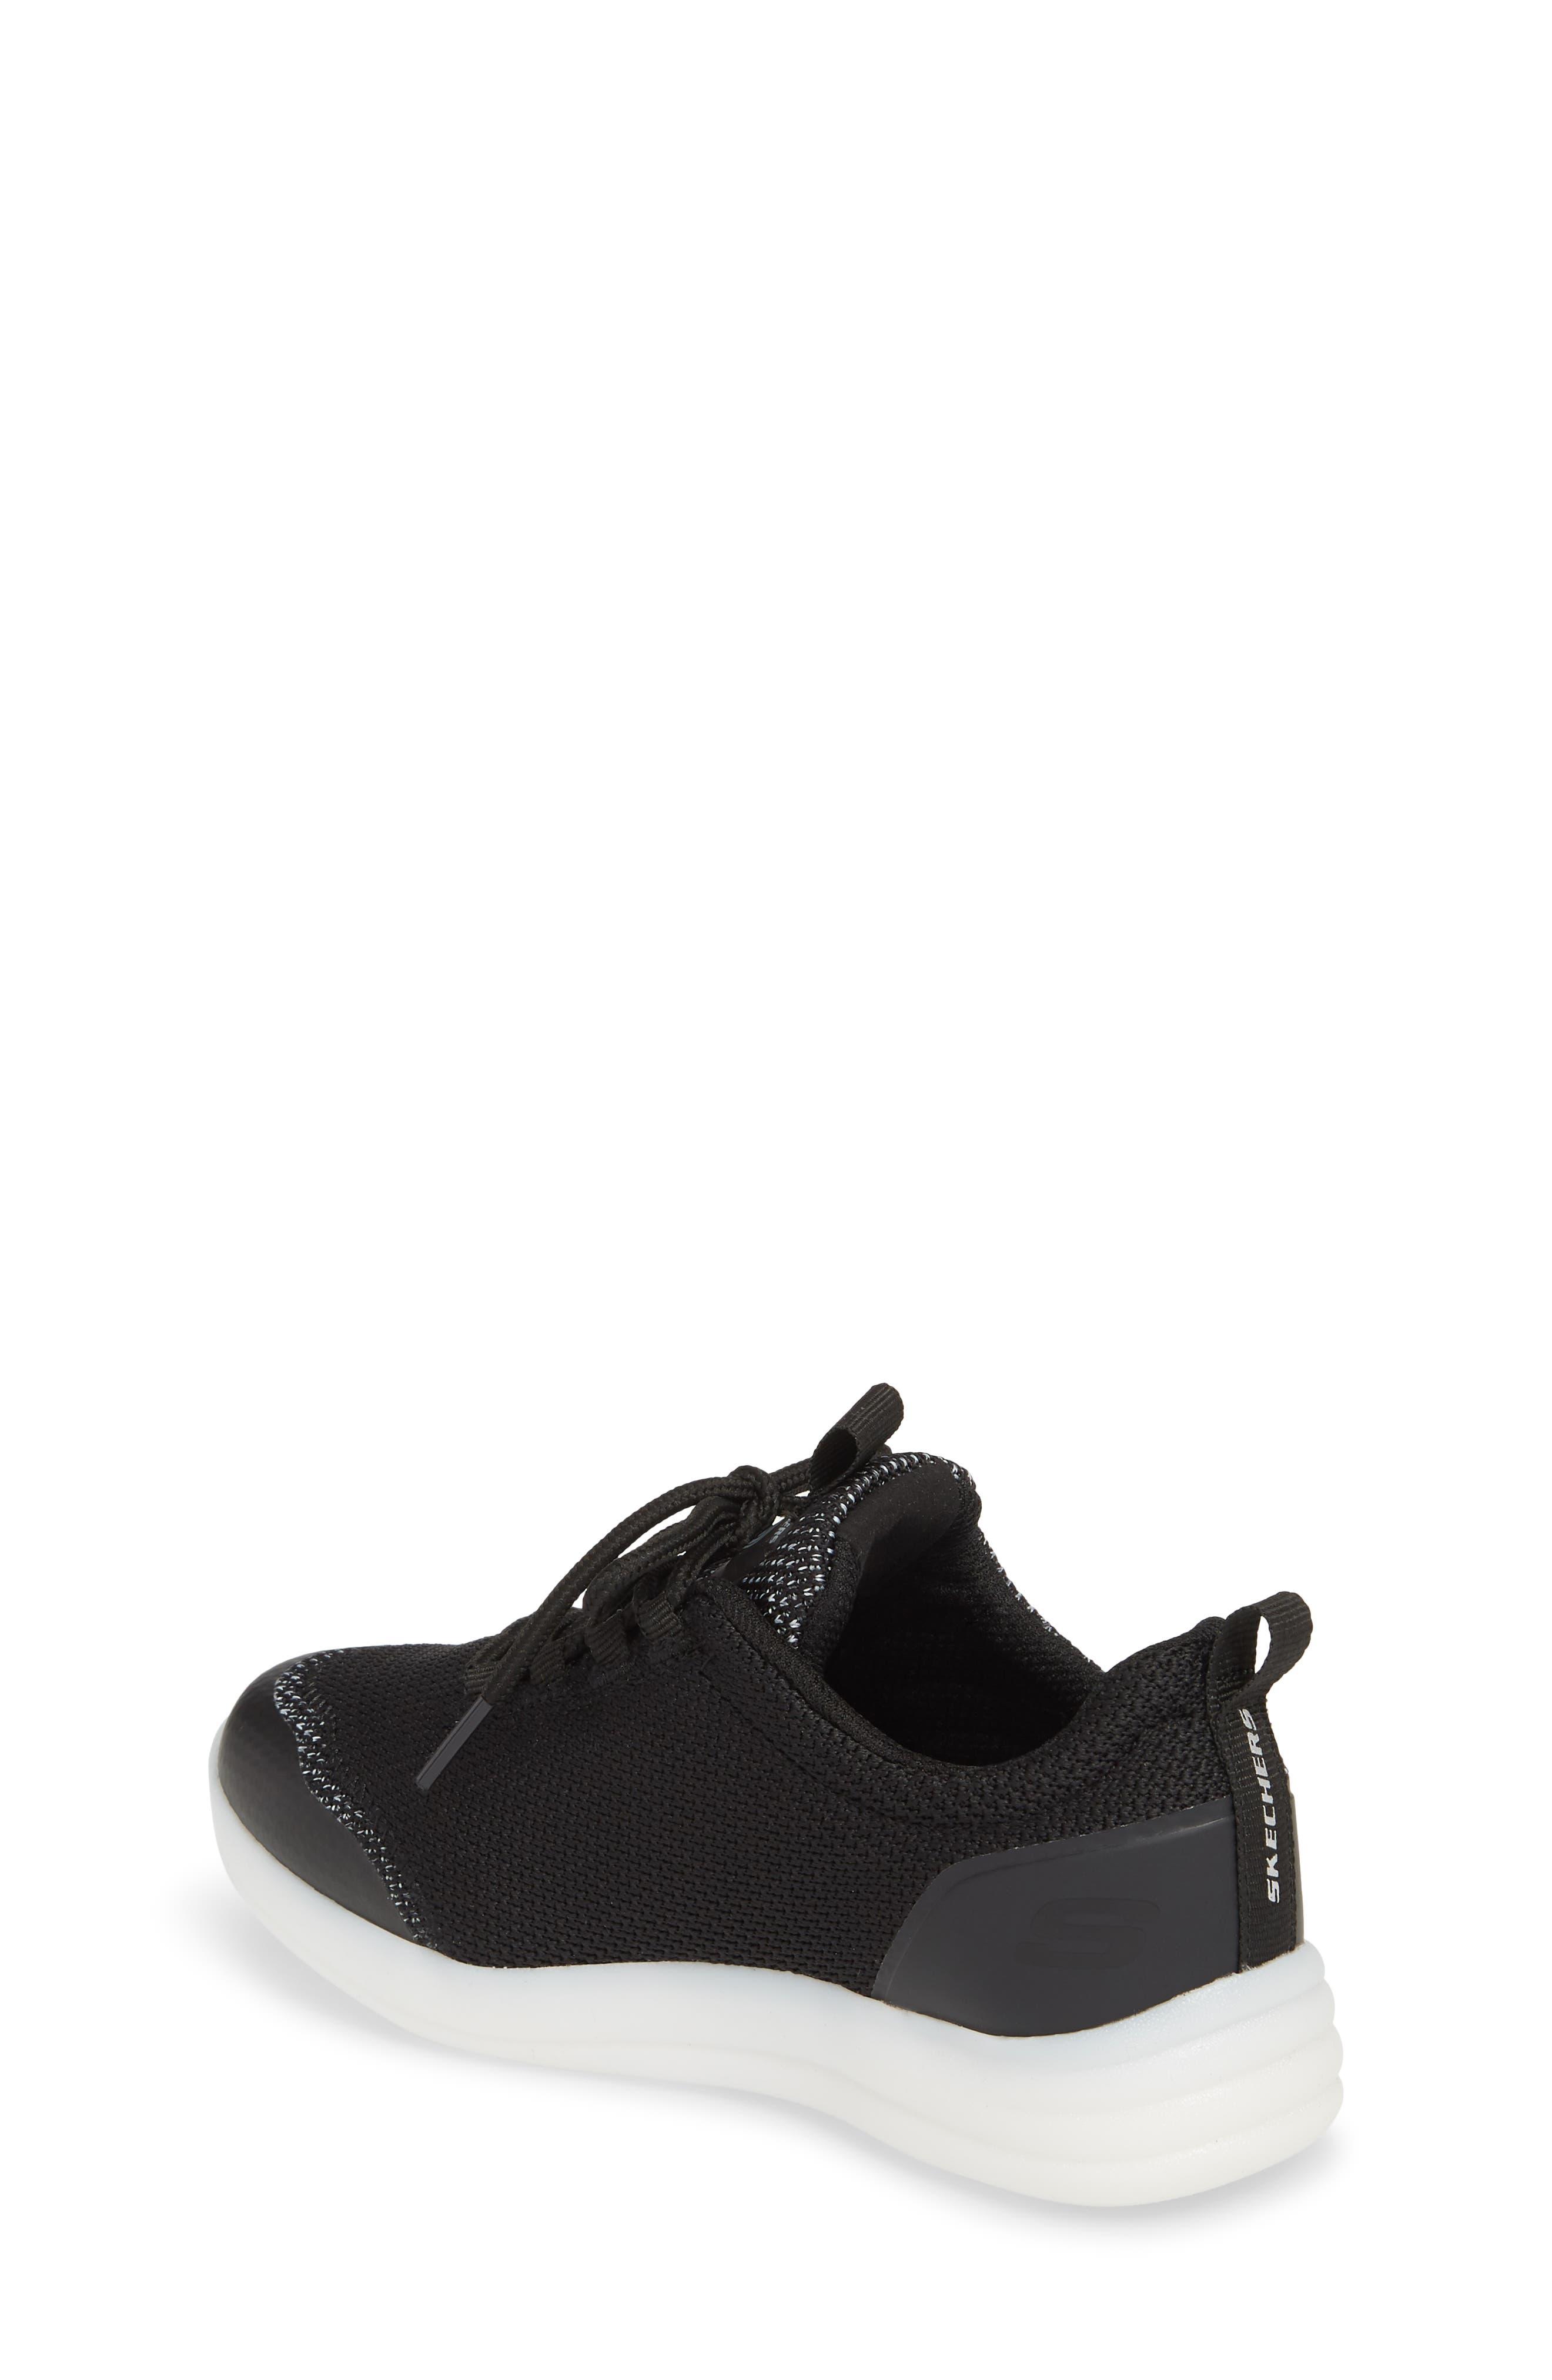 Energy Lights Street Sneaker,                             Alternate thumbnail 2, color,                             Black